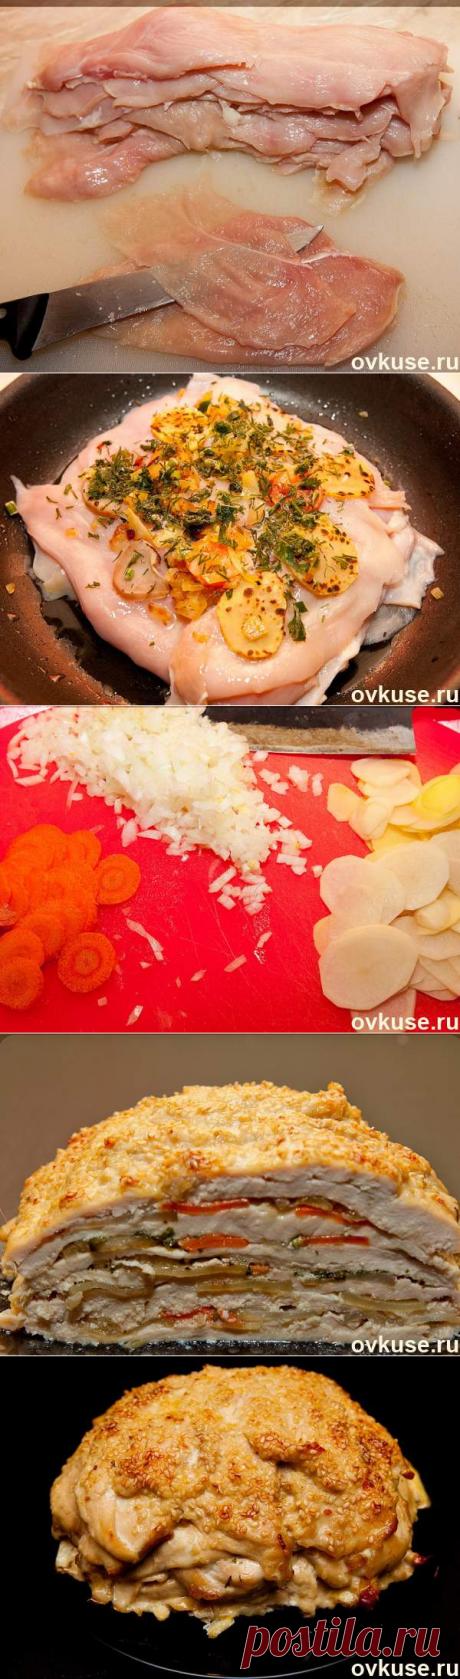 La gallina ASOMBRA a los INVITADOS se prepara de los productos simples, y se ve - como el manjar del restaurante de ostentación